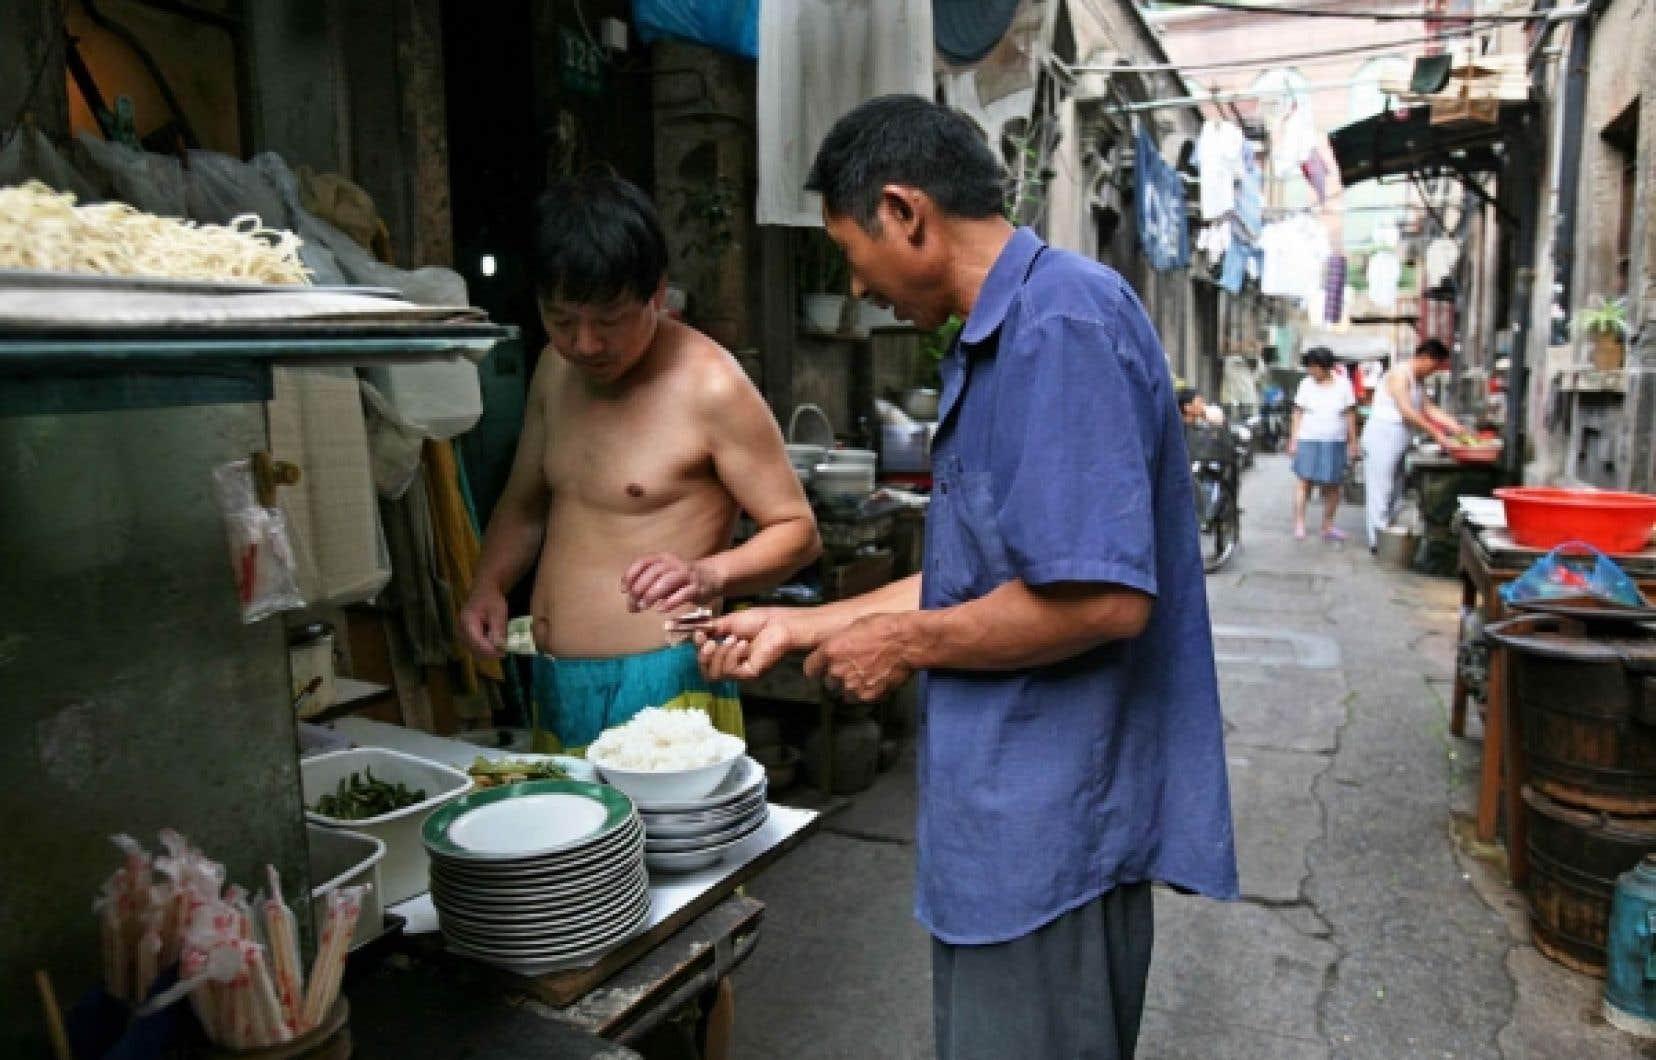 En Chine, certains produits alimentaires ont un prix en partie fixé par le gouvernement, notamment le riz et les céréales.<br />